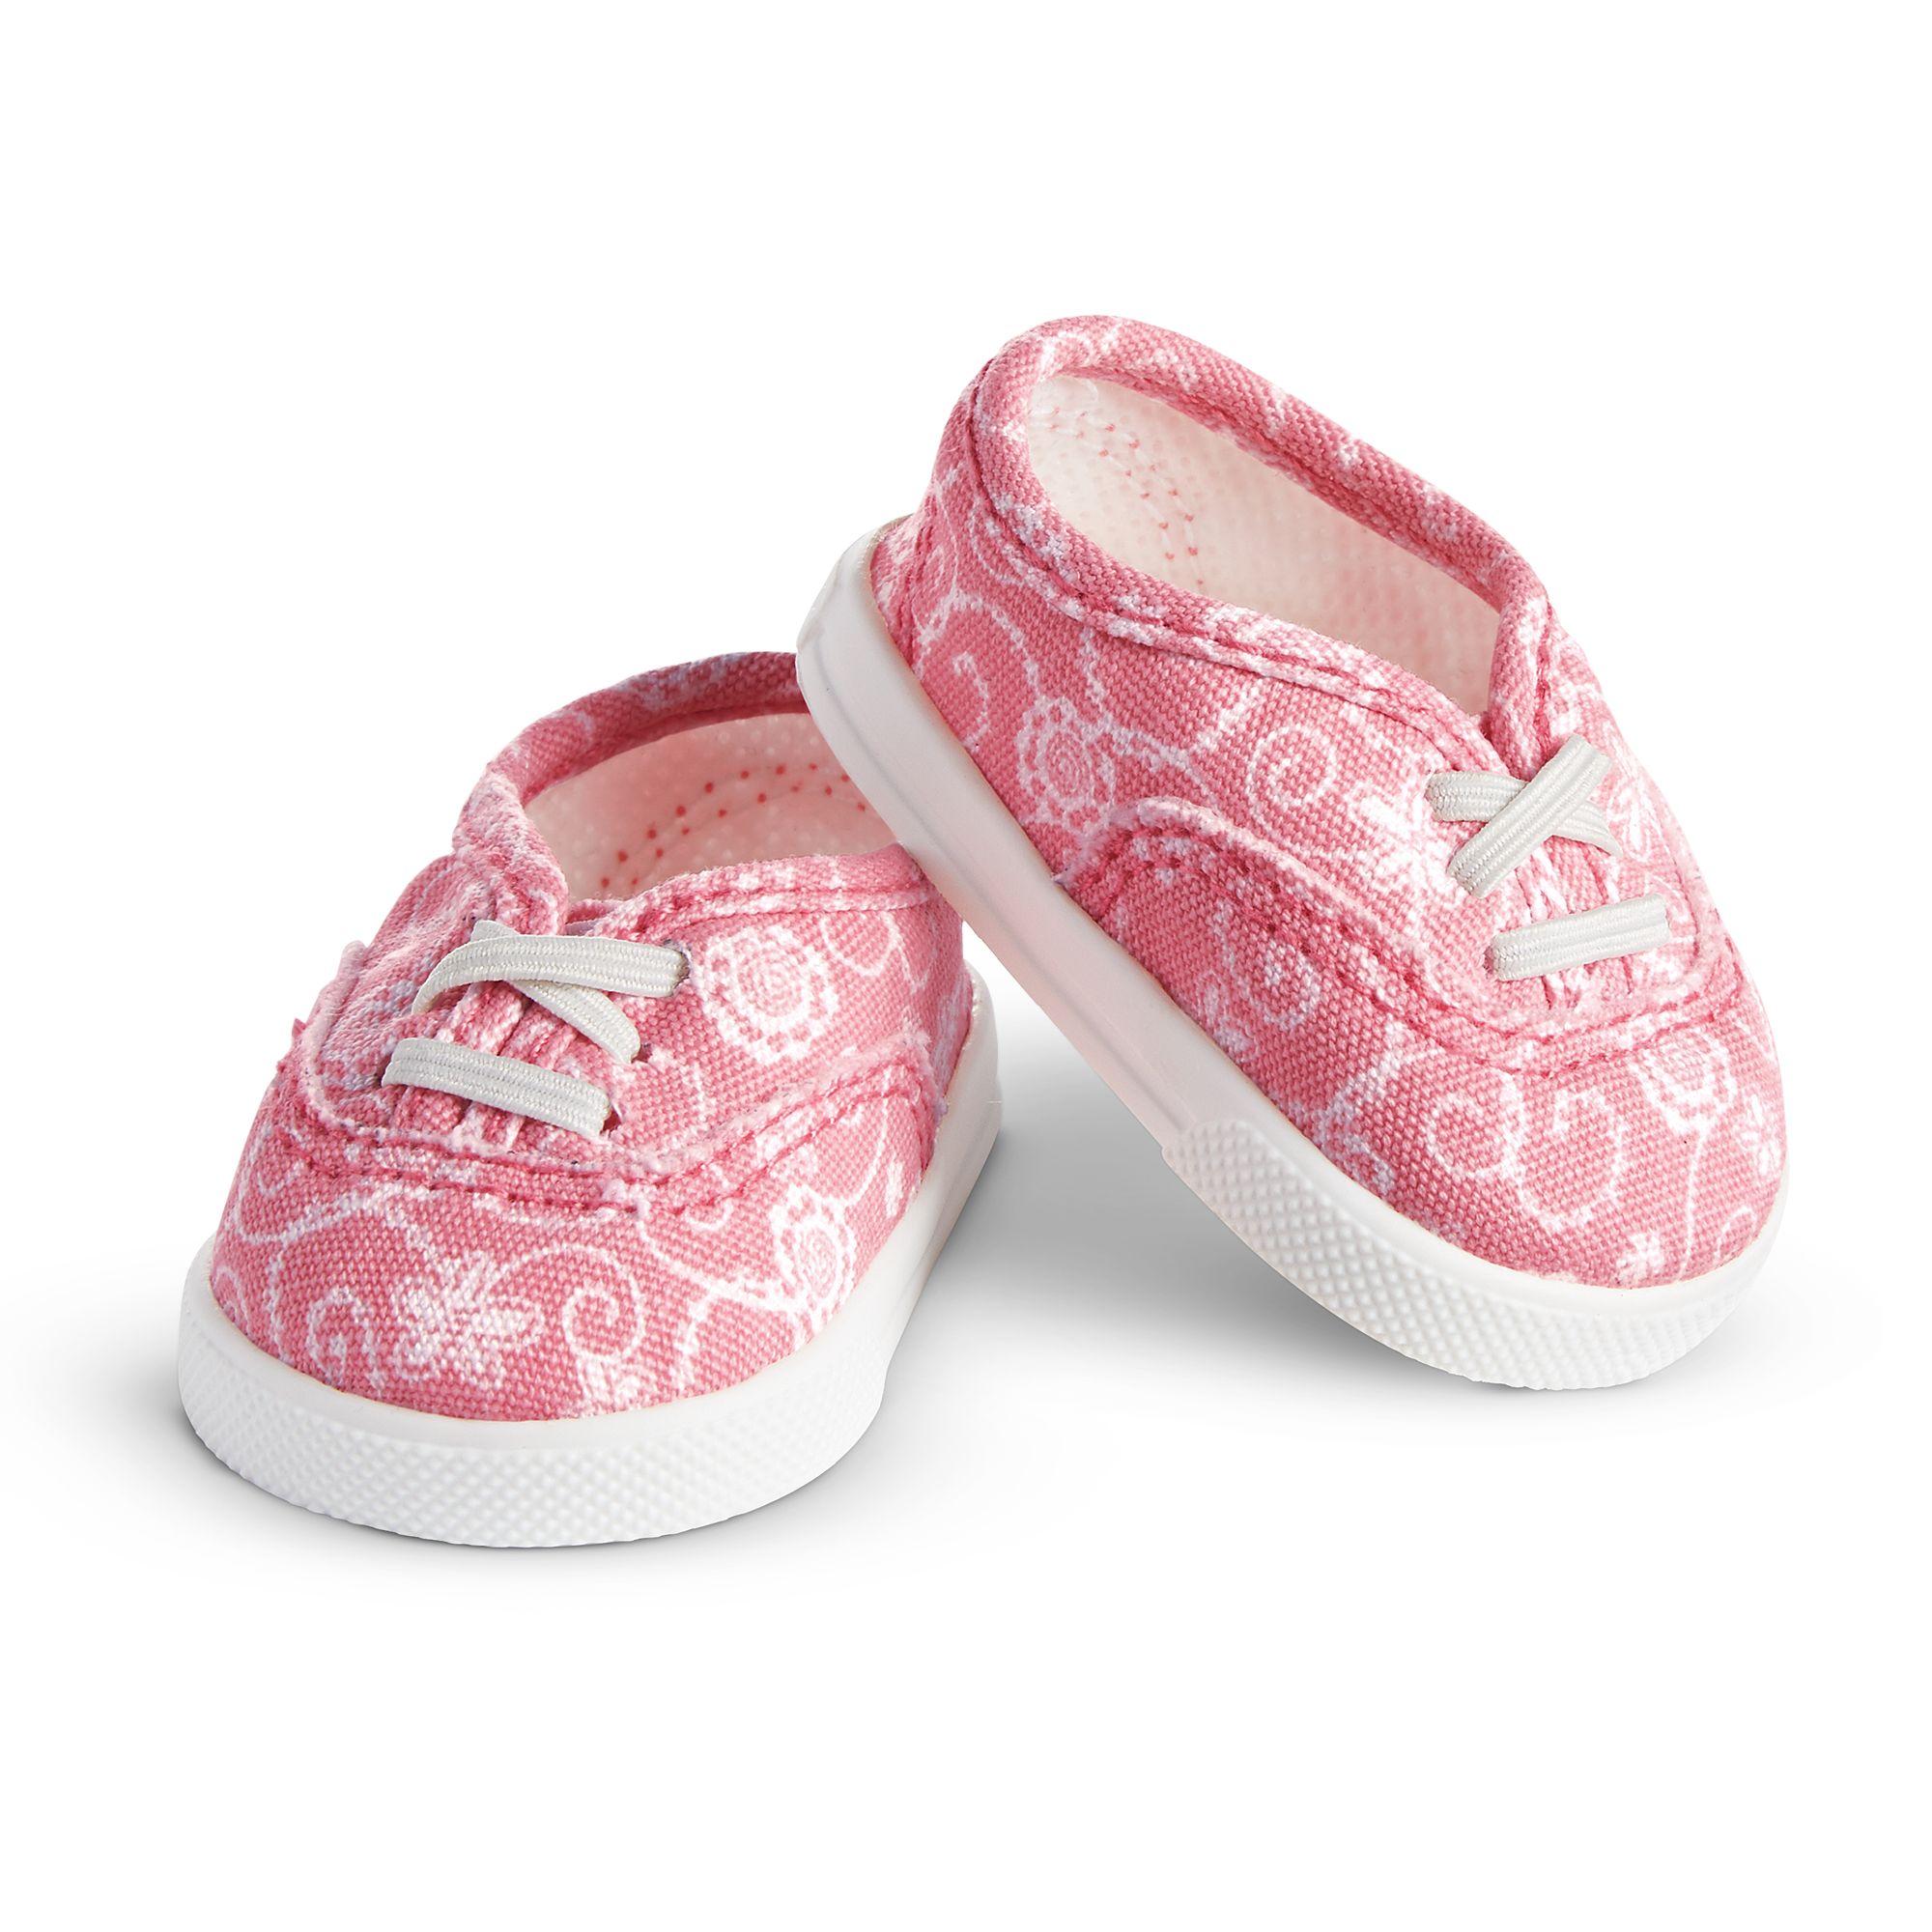 Lace-Print Shoes